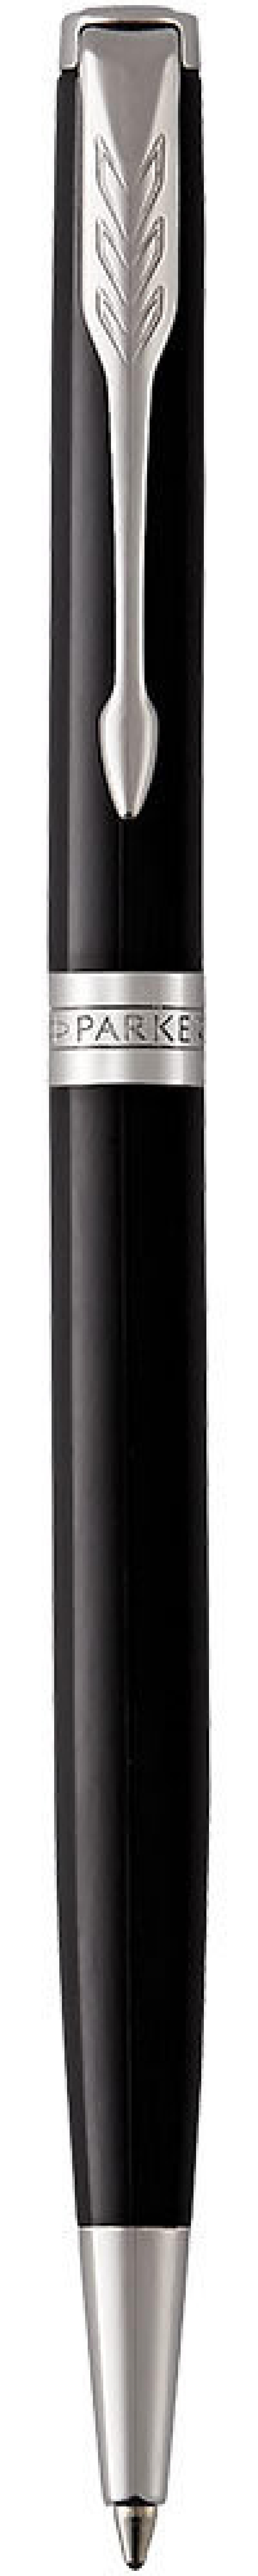 Шариковая ручка поворотная Parker Sonnet Core K430 Slim LaqBlack C черный M 1931503 шариковая ручка поворотная parker sonnet core k527 stainless steel gt черный m 1931507